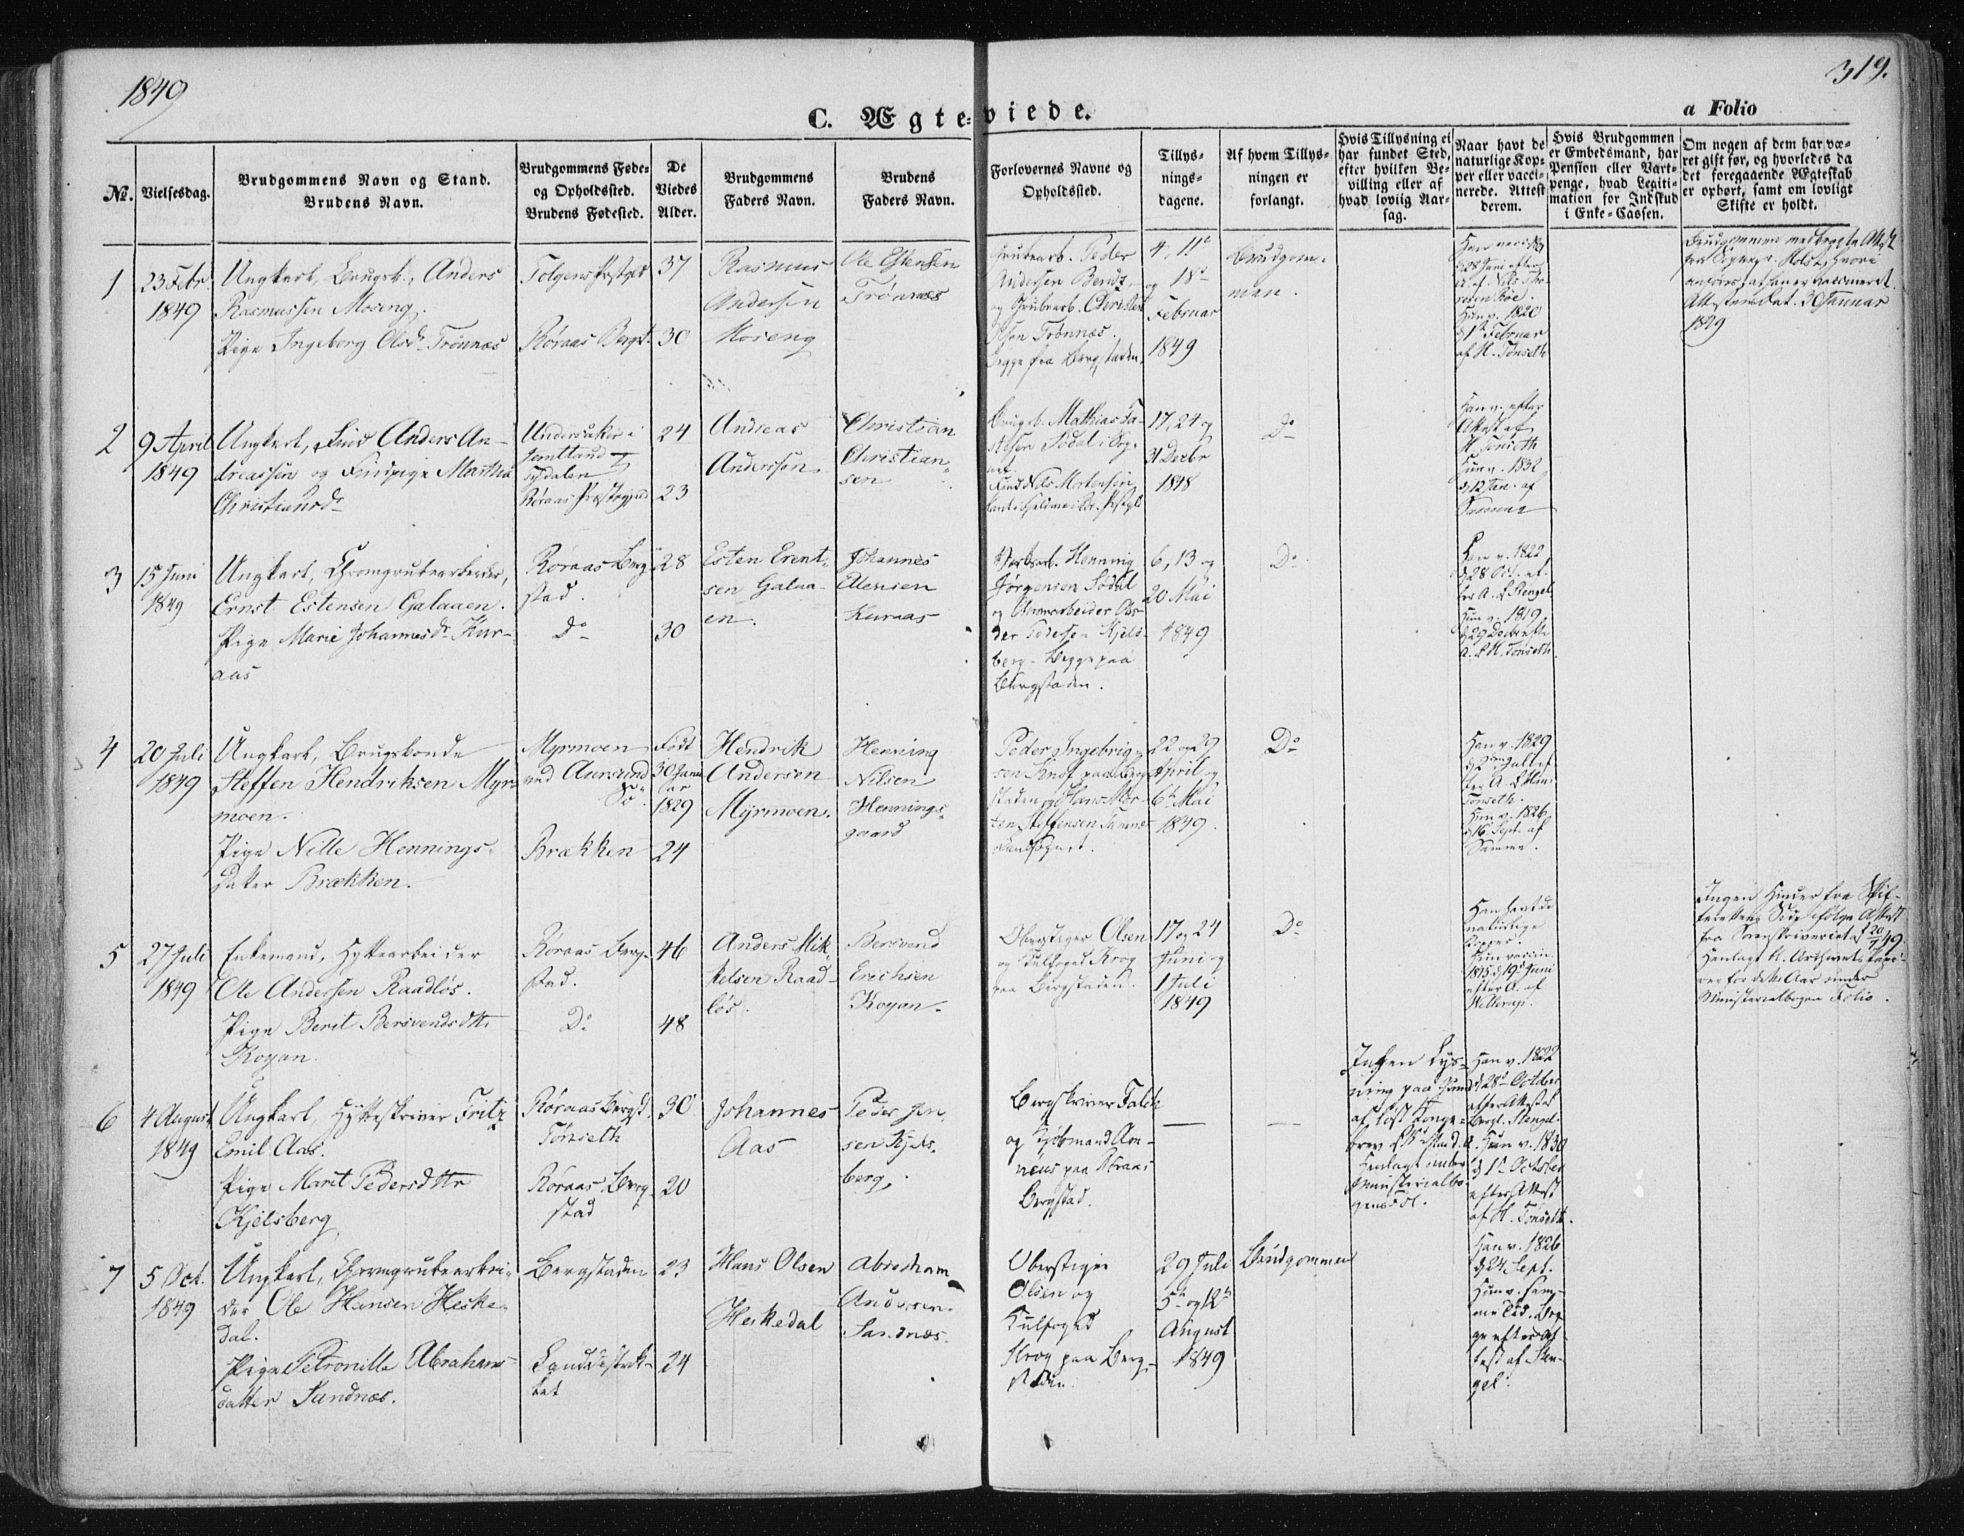 SAT, Ministerialprotokoller, klokkerbøker og fødselsregistre - Sør-Trøndelag, 681/L0931: Ministerialbok nr. 681A09, 1845-1859, s. 319